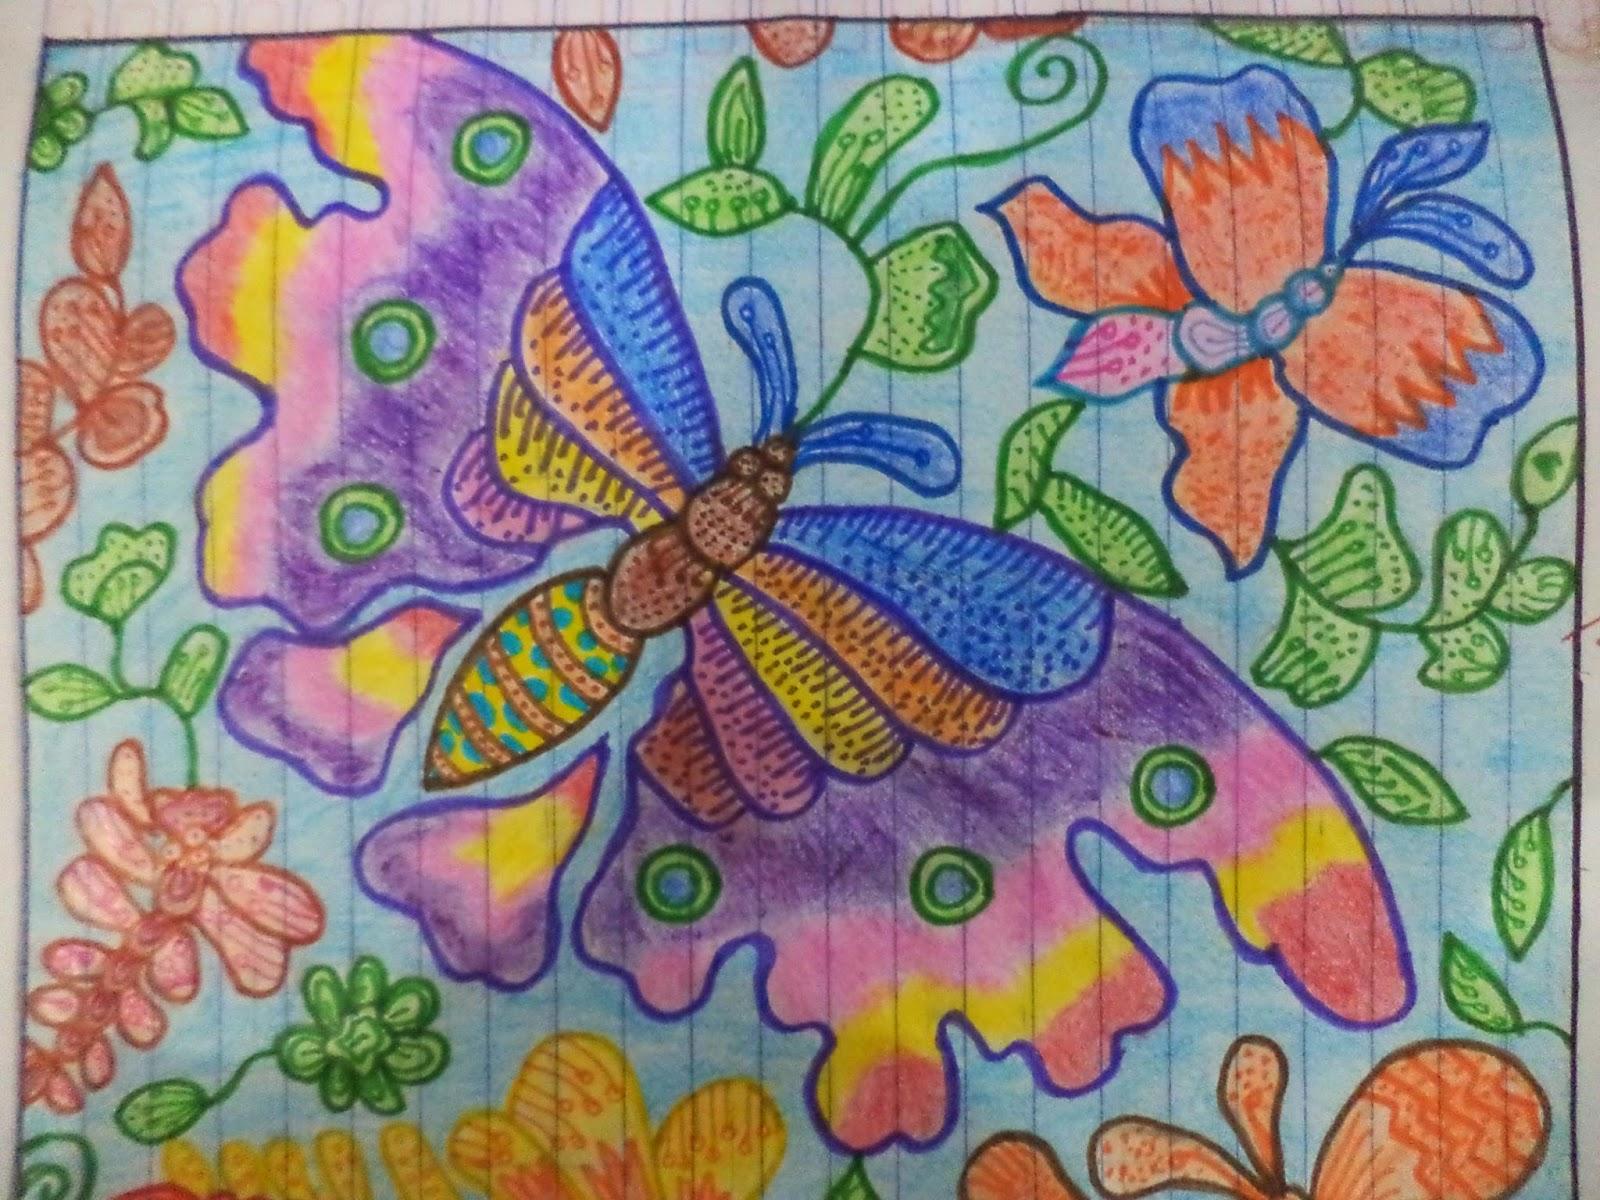 pasti bisa Desain Ragam Hias Flora Fauna Batik Kelas 8